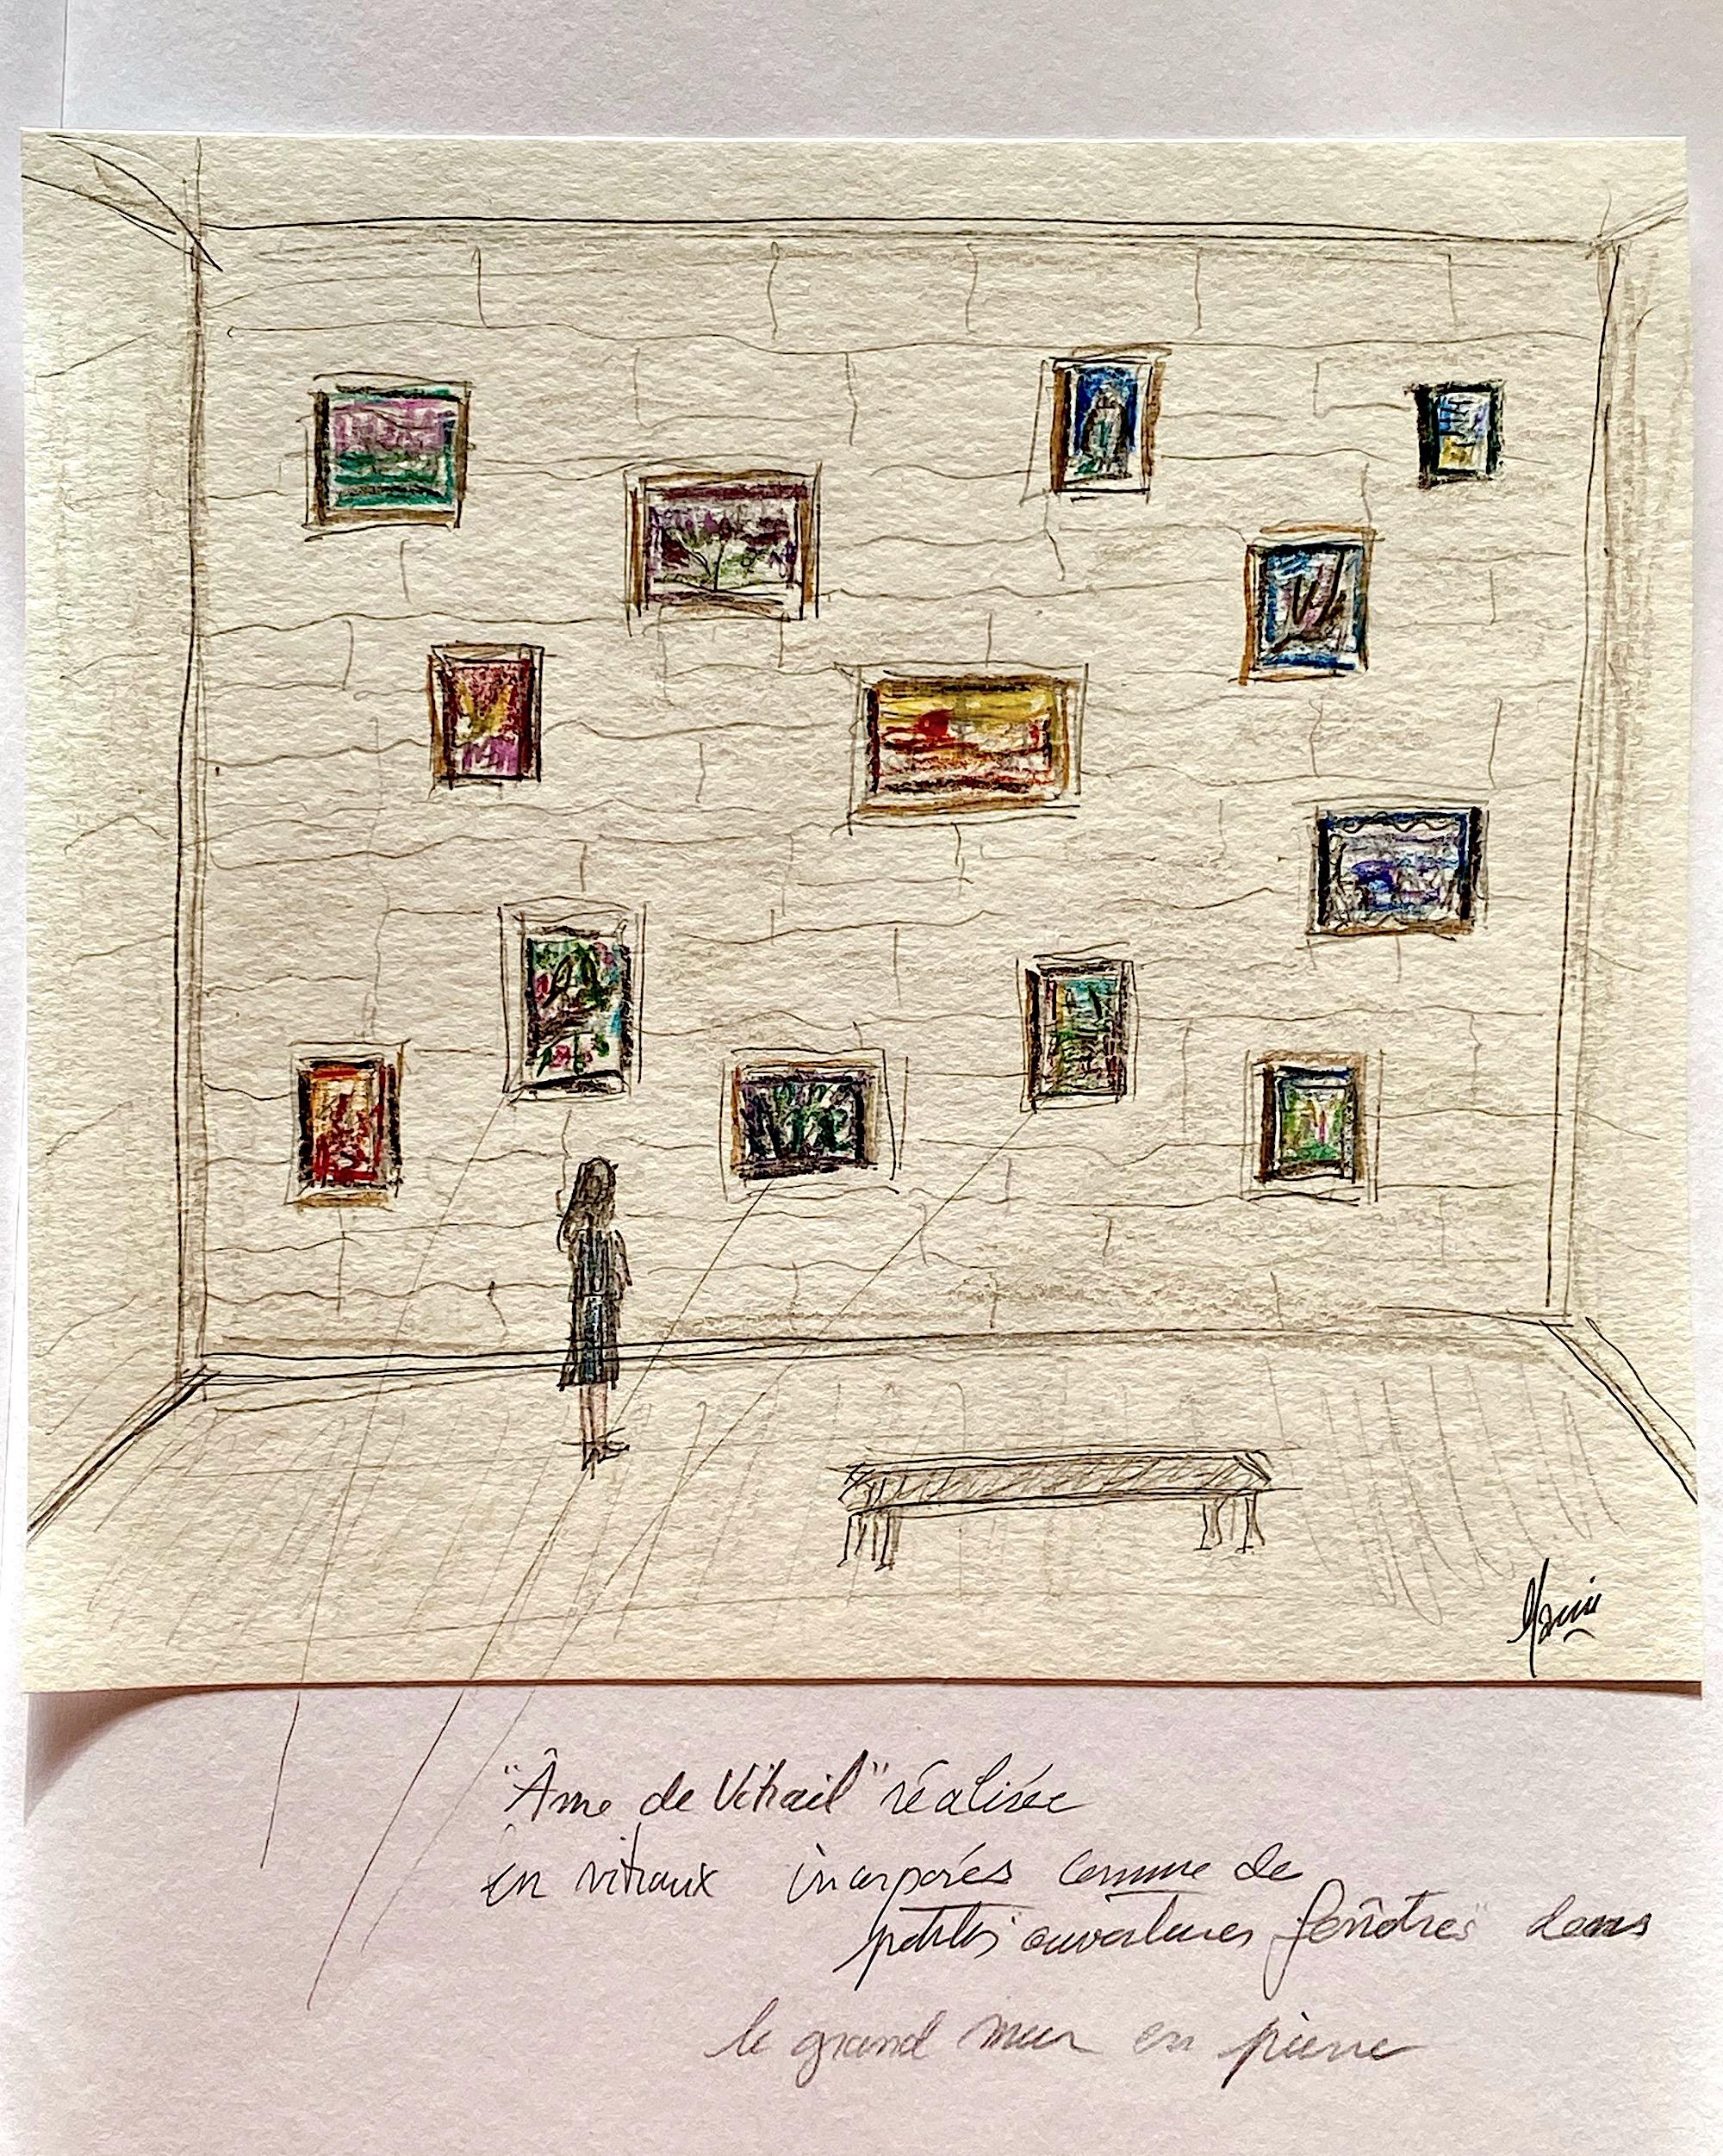 MAMI /:Images et Poésie, Cahier de mes rêves